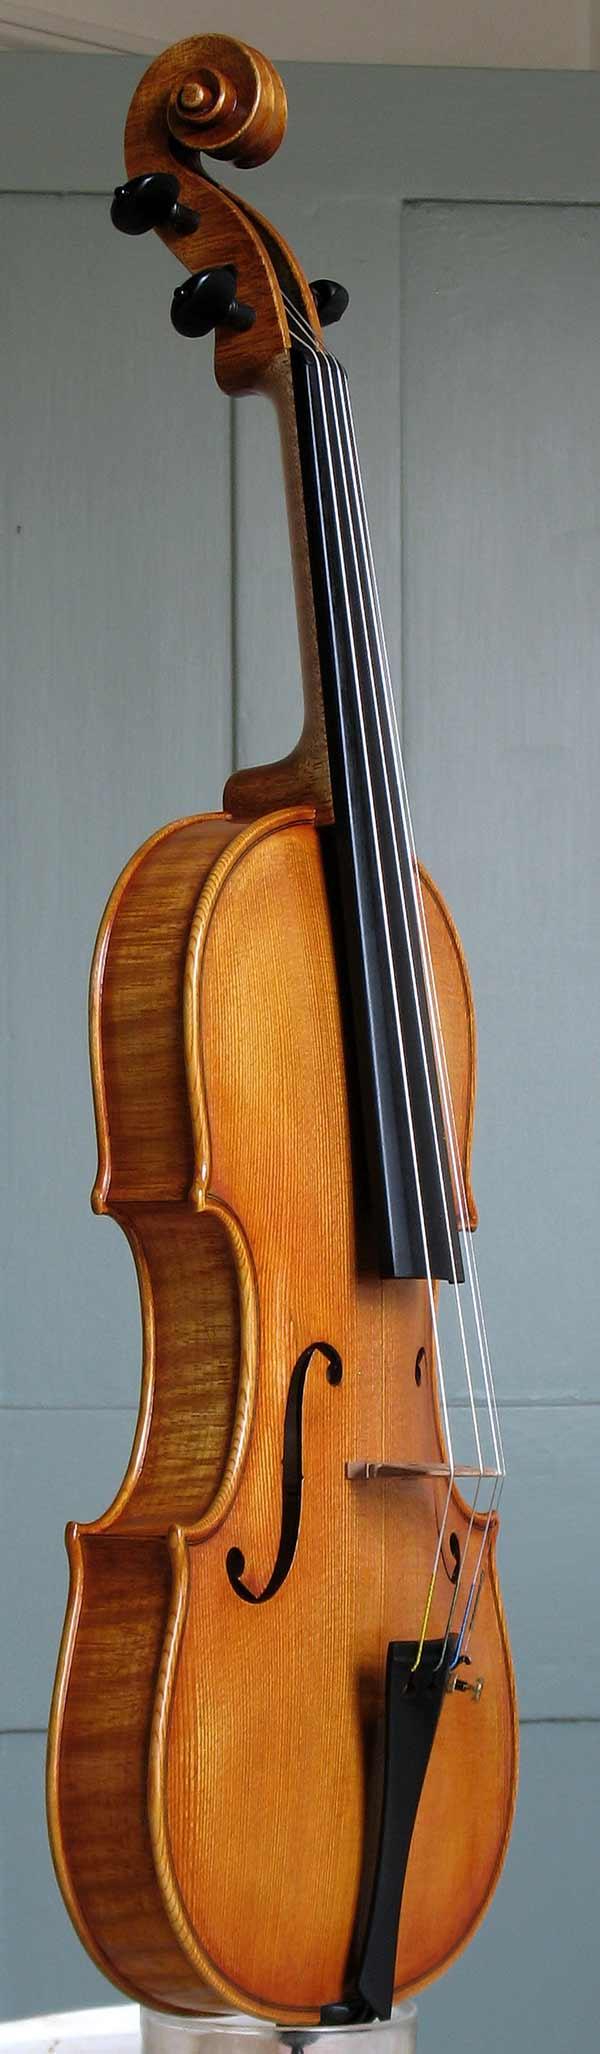 Richingsviolins bristol uk guarneri violin instruments for sale